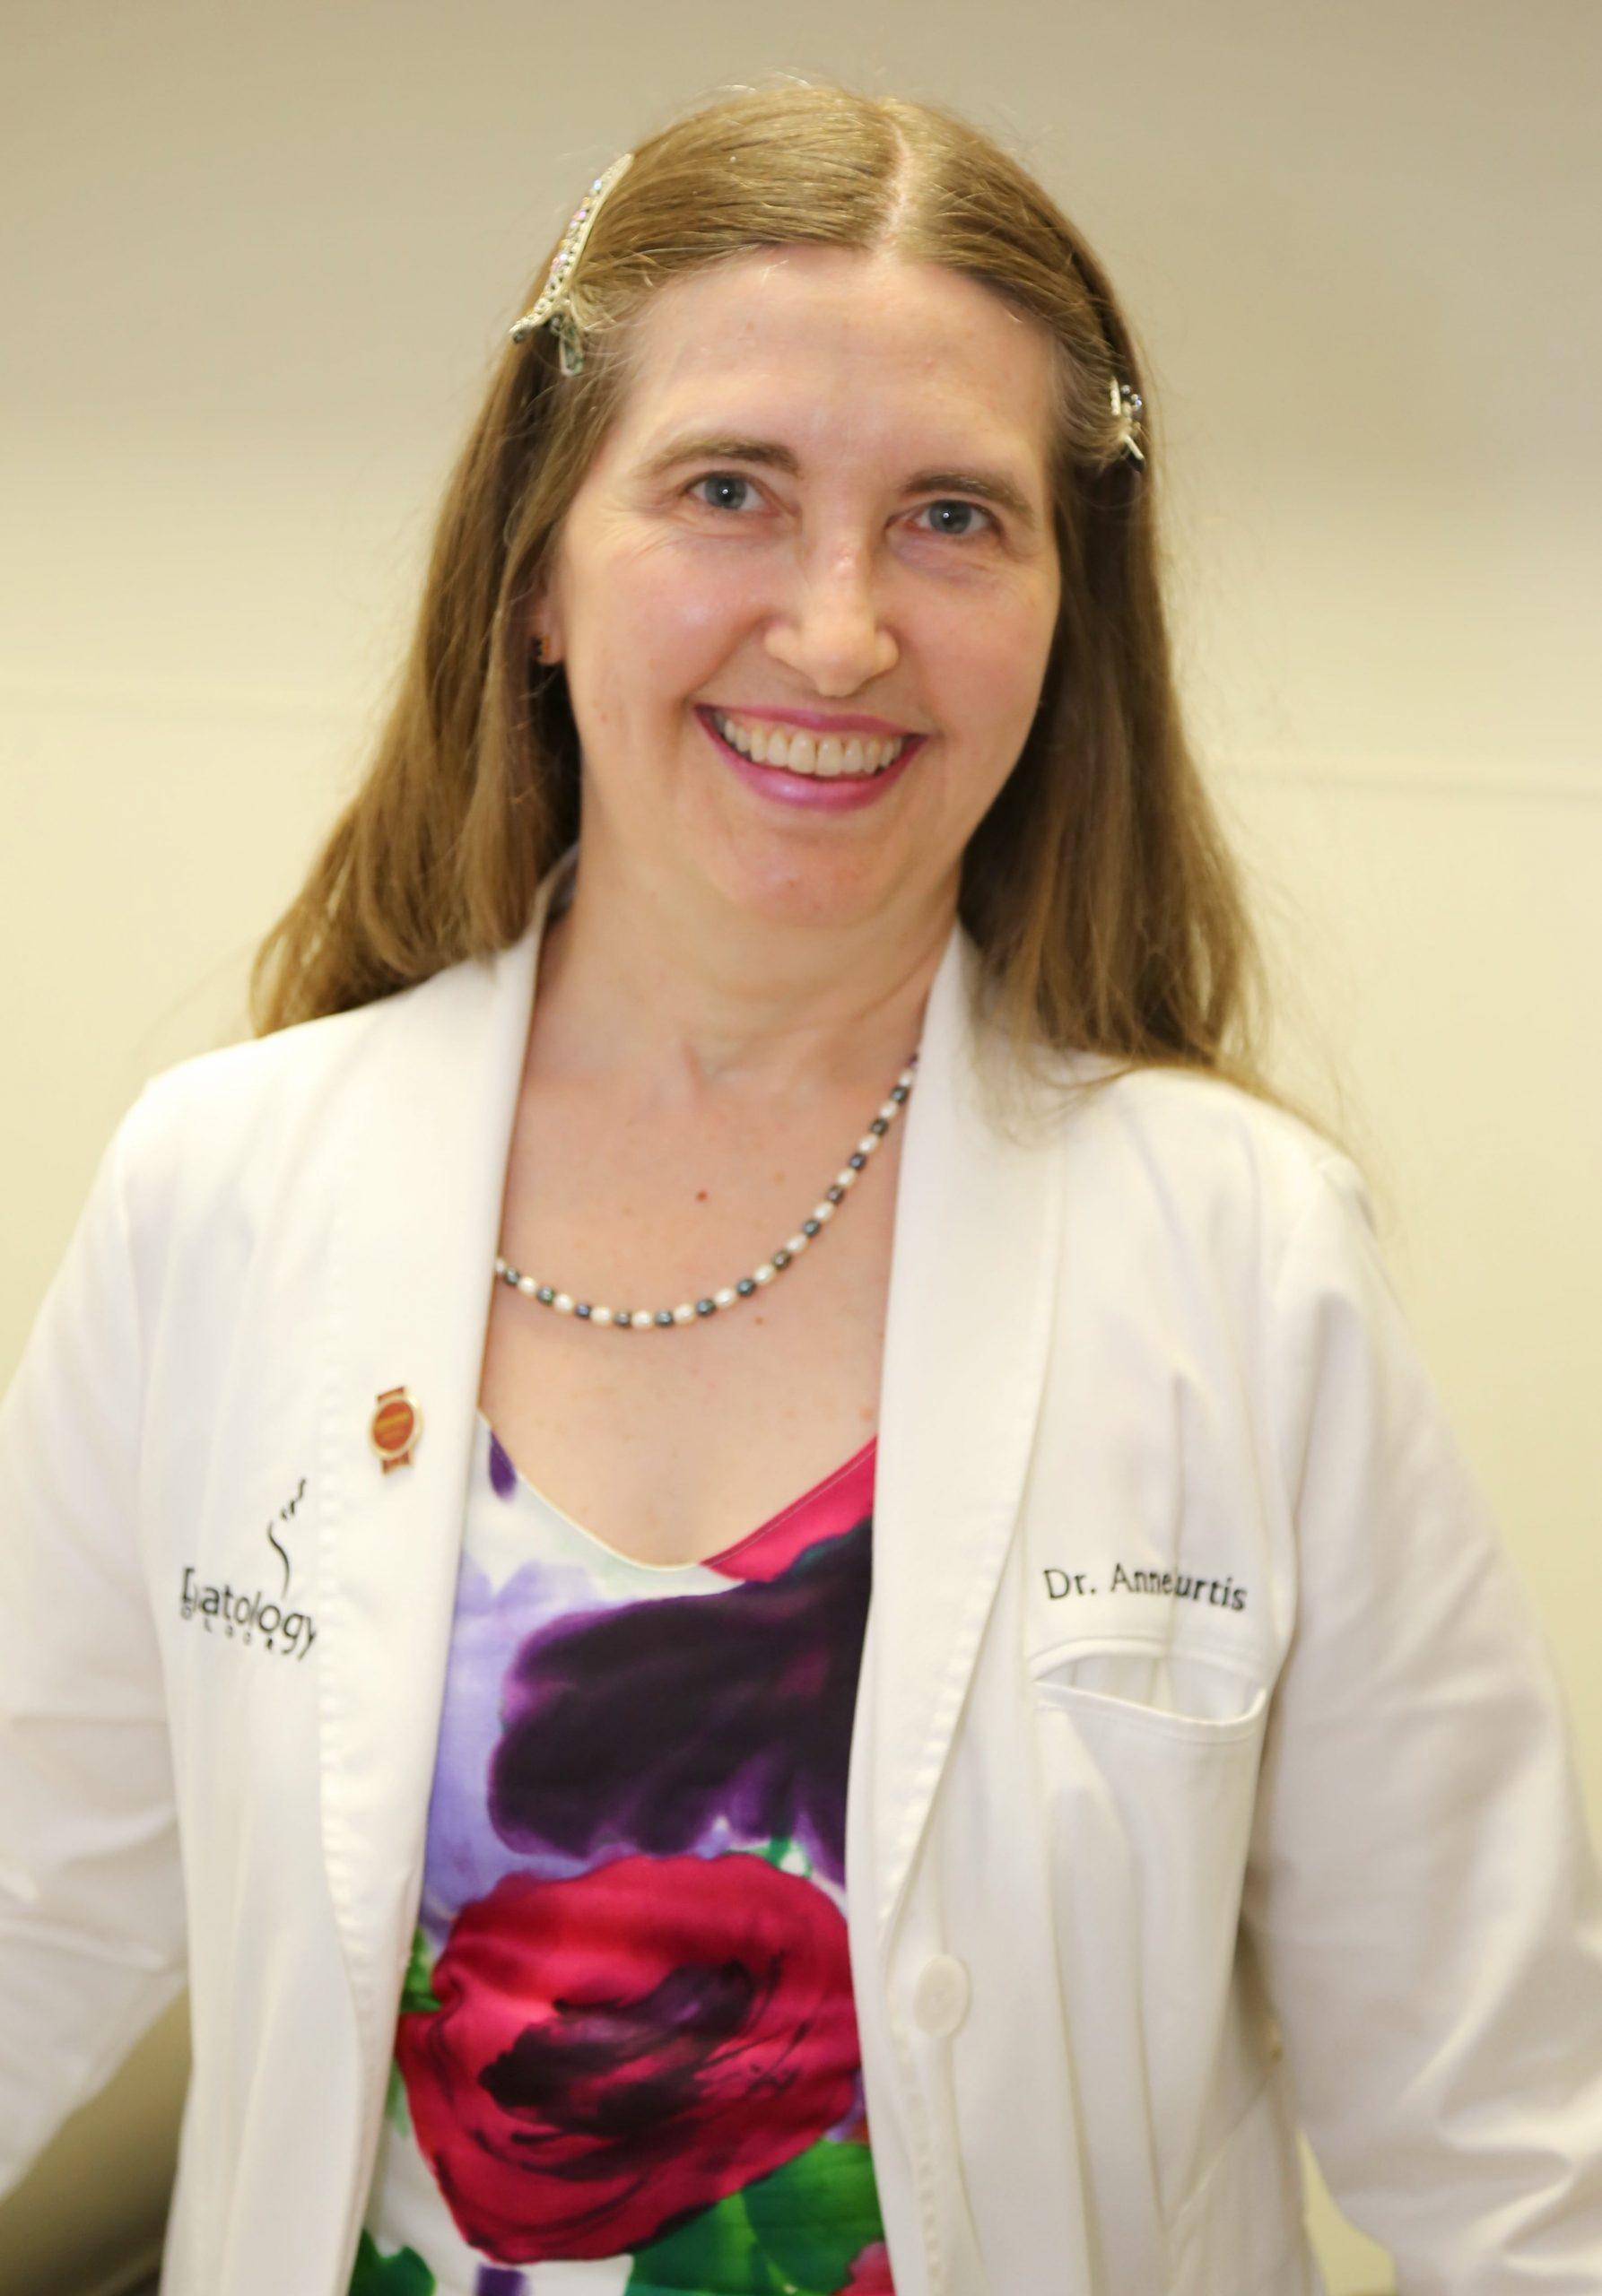 Dr. Anne Curtis